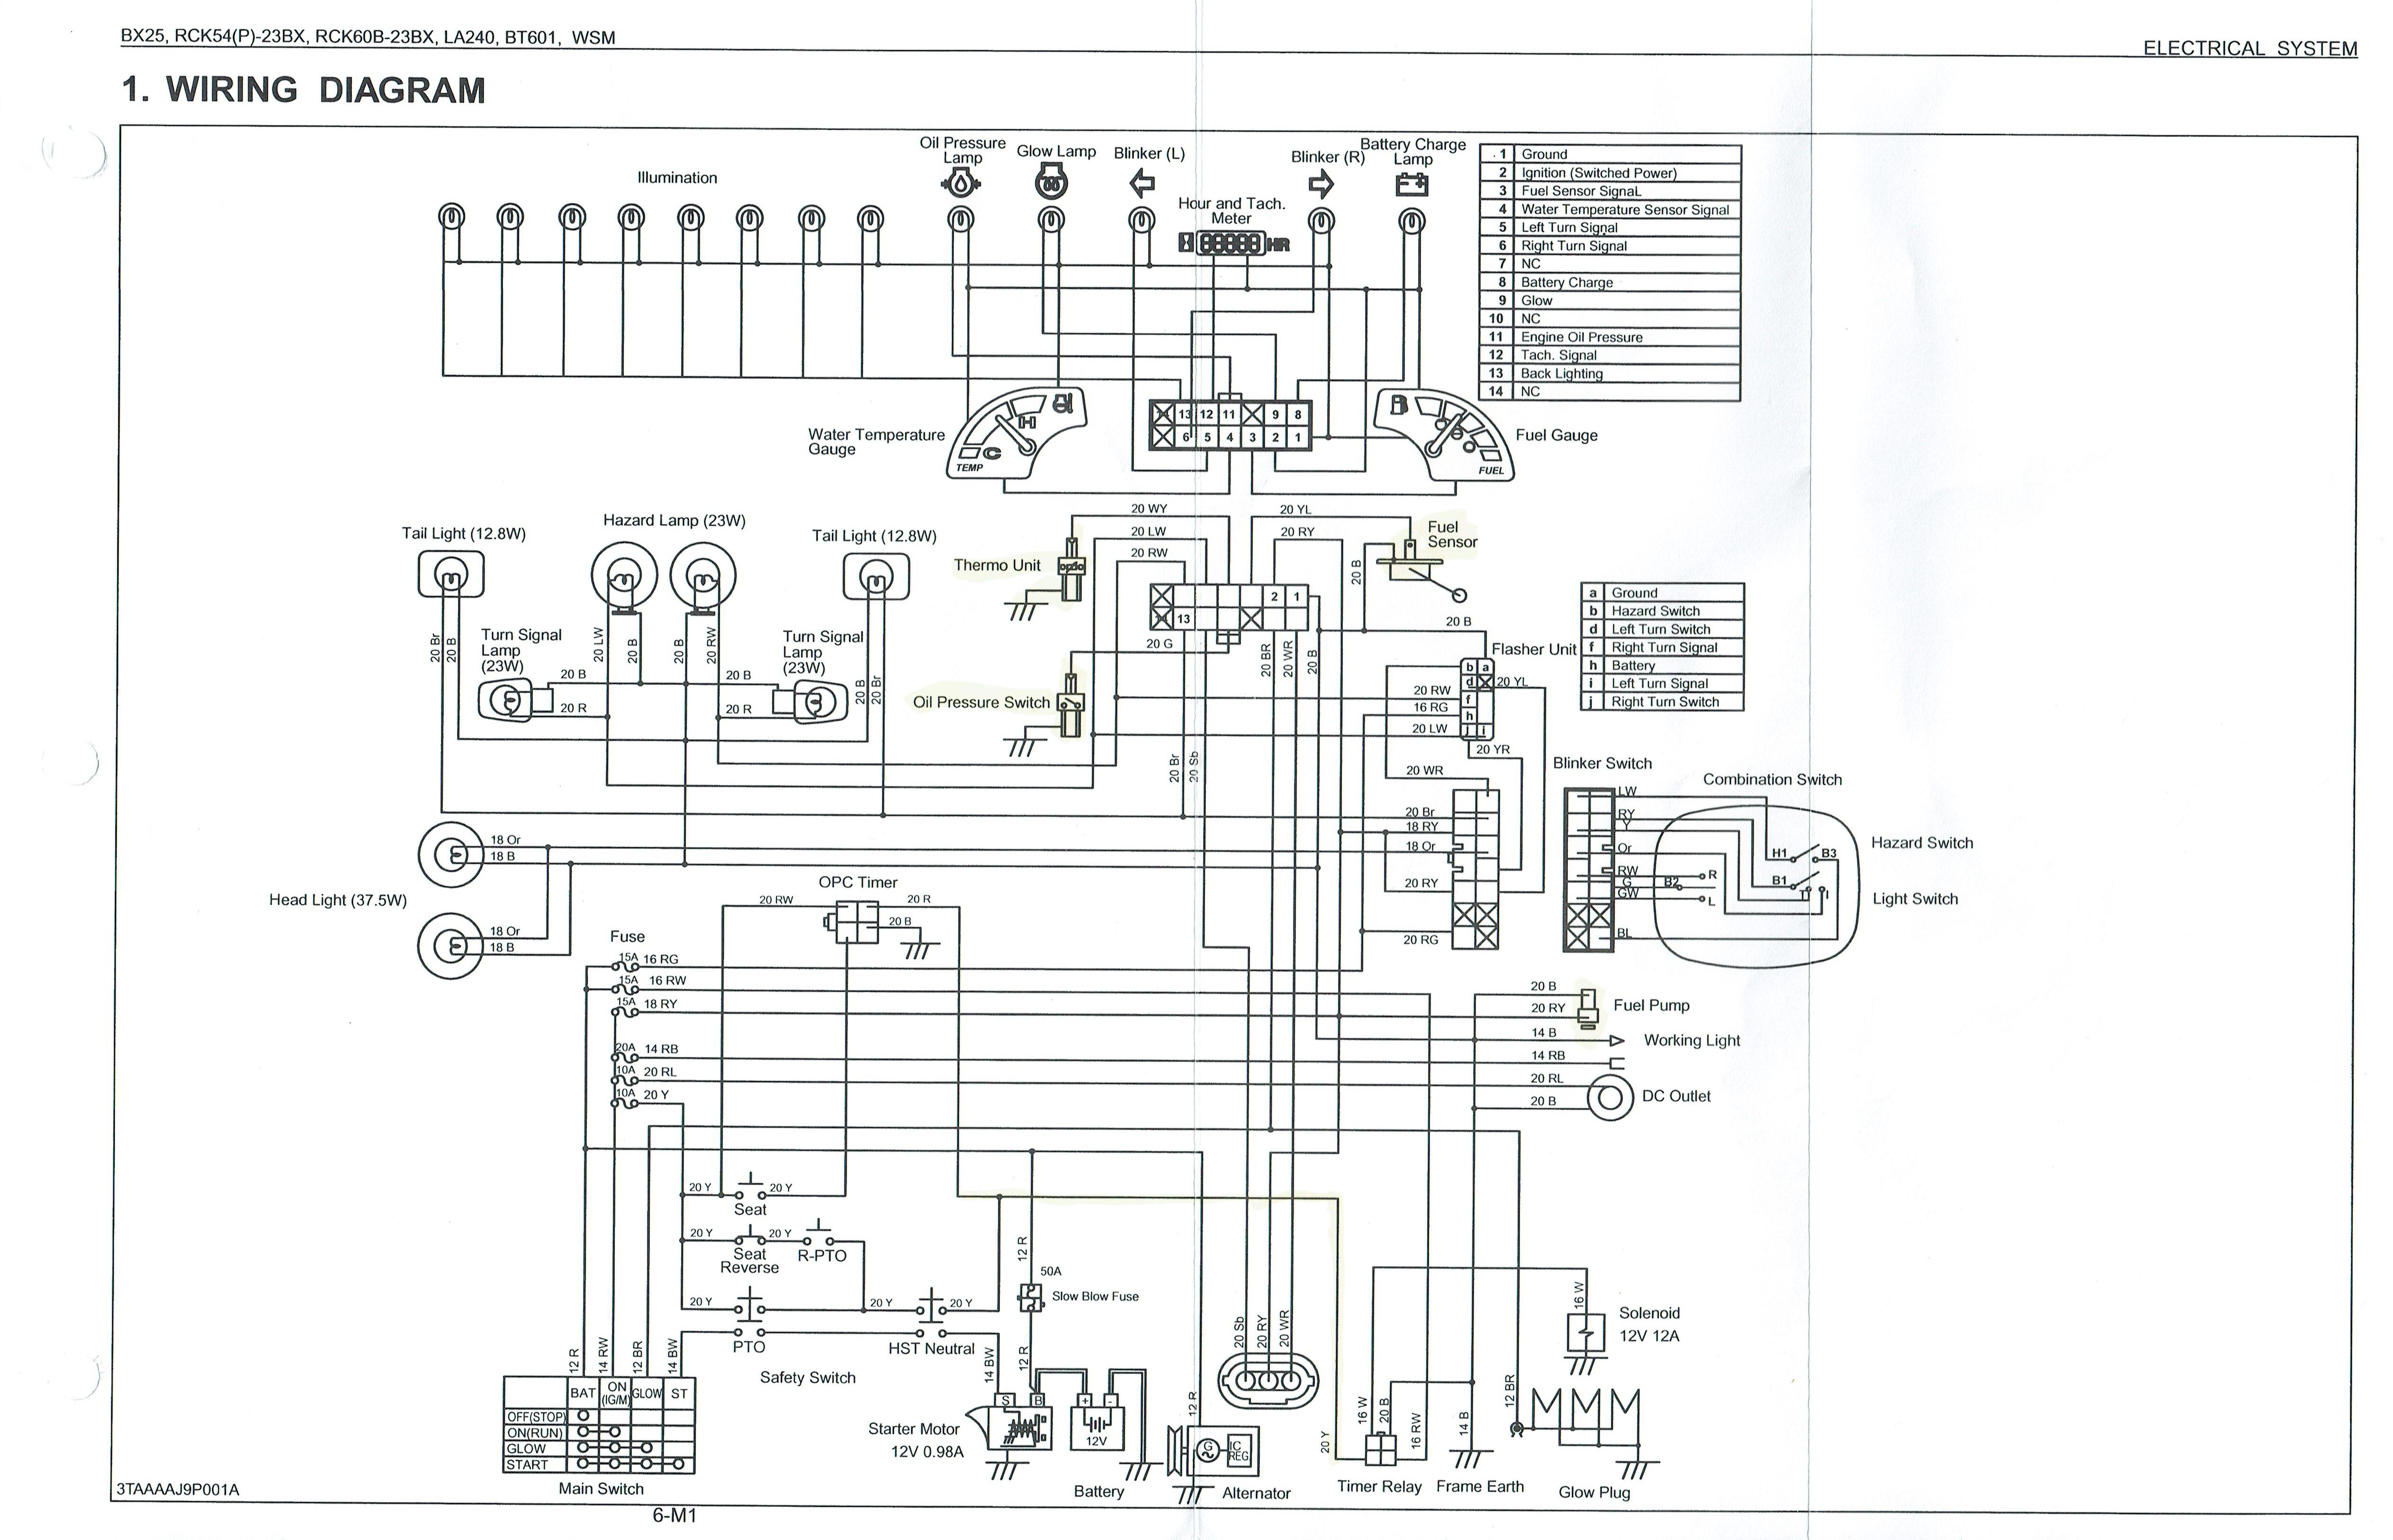 [ZHKZ_3066]  SY_2716] Kubota Zd25 Wiring Diagram Download Diagram   Kubota Diesel Zero Turn Mowers Wiring Diagram 2002      Spoat Jebrp Proe Hendil Mohammedshrine Librar Wiring 101